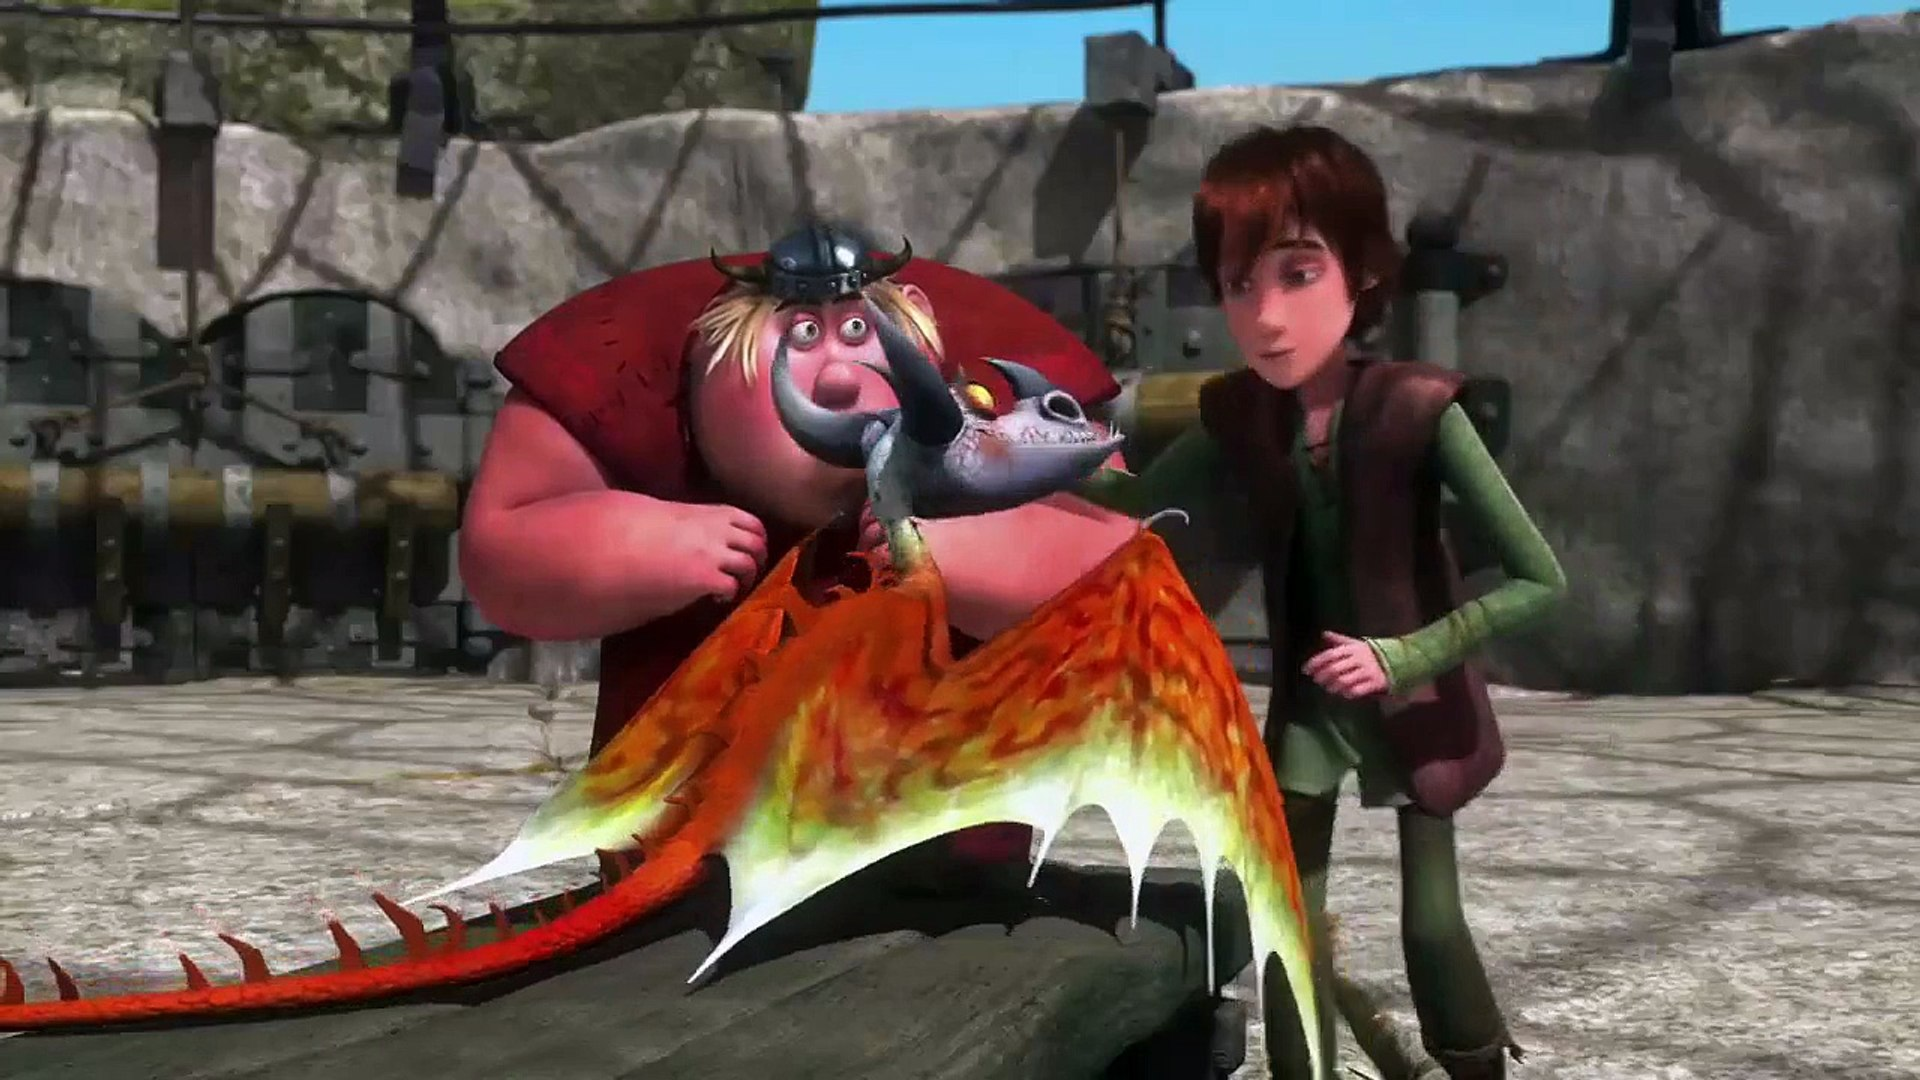 Dragones Defensores De Berk Temporada 1 Capitulo 4 Duo Terrible Español Latino Hd Video Dailymotion